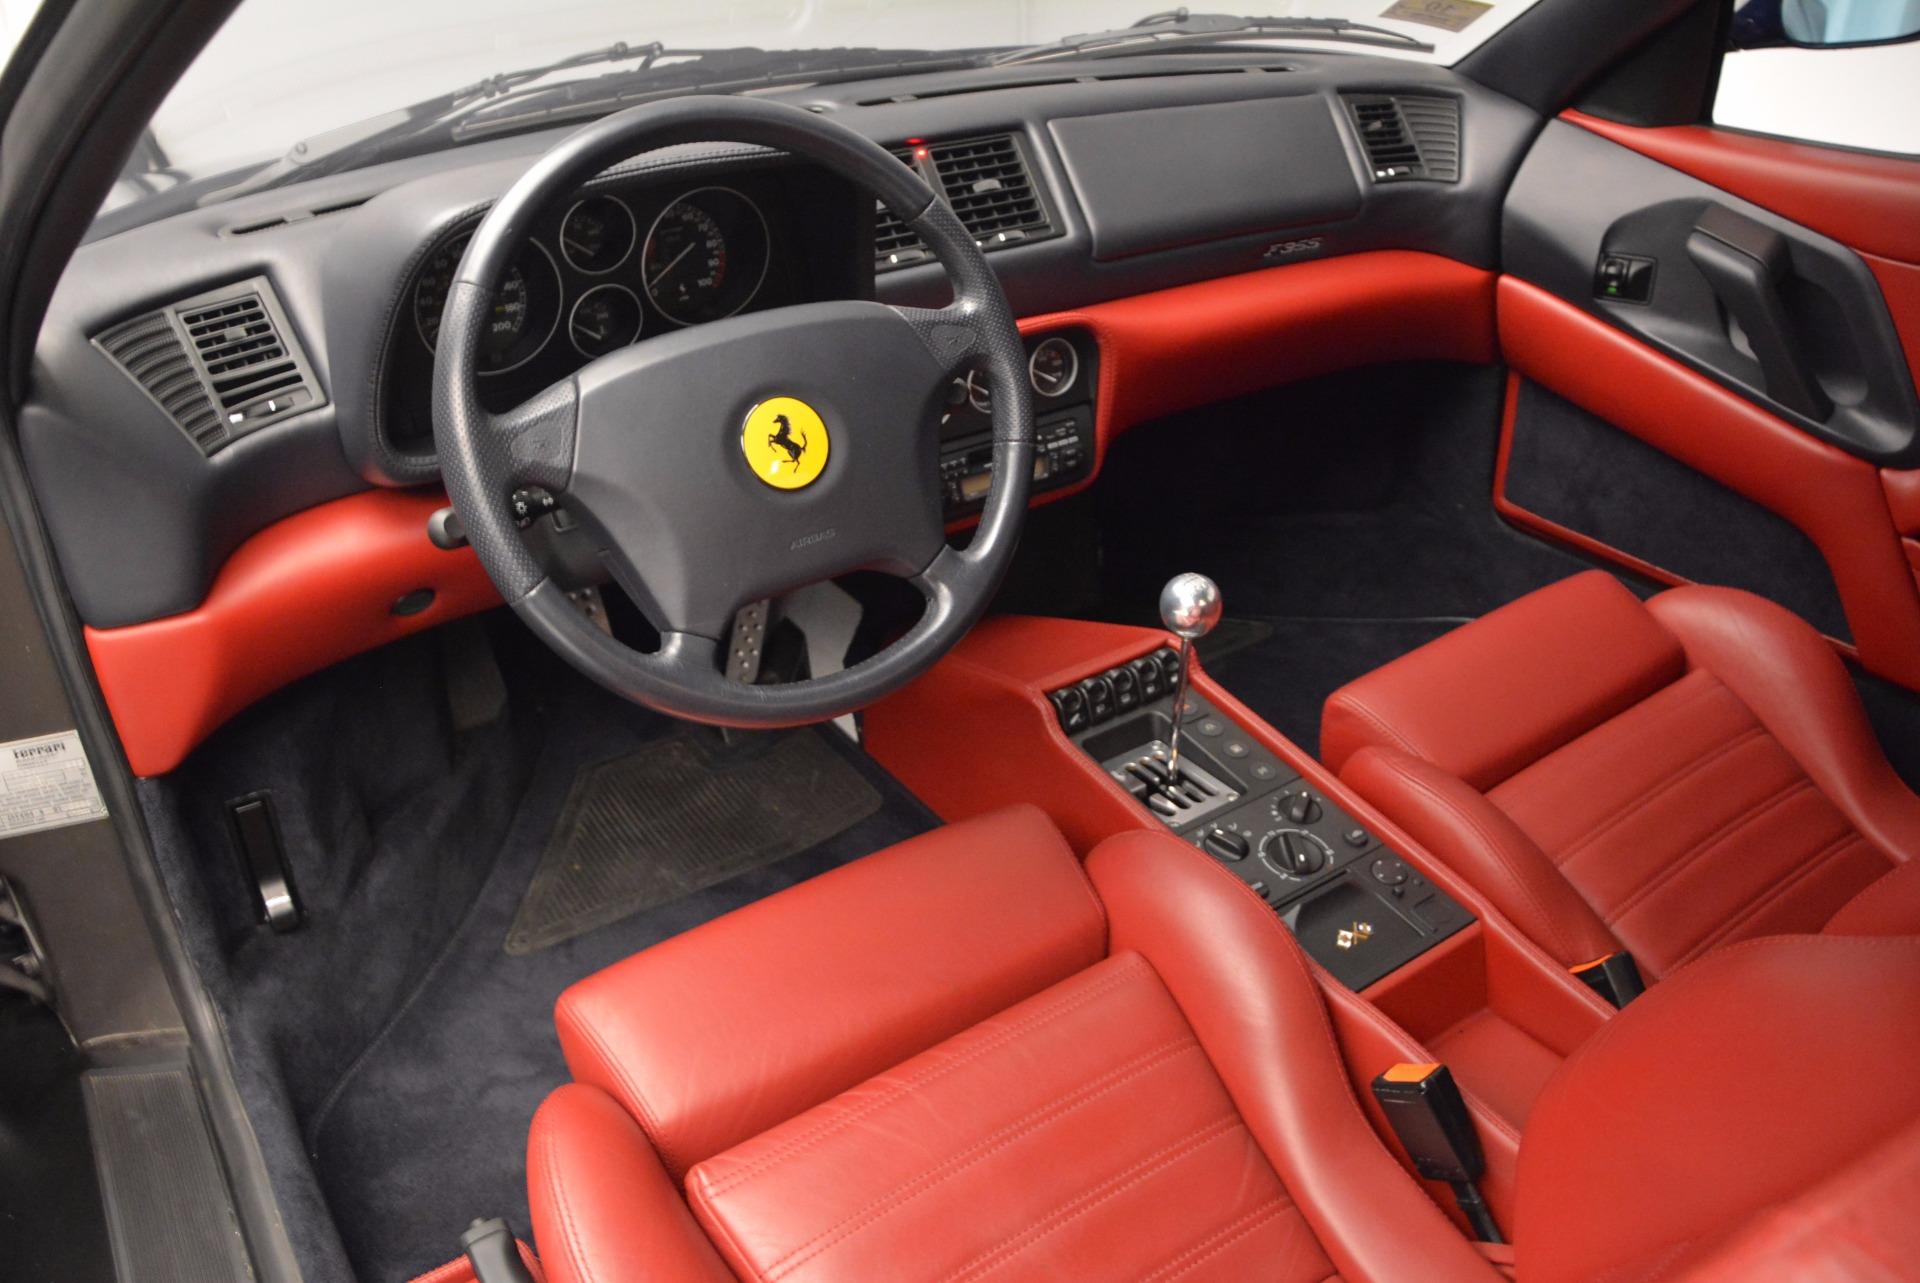 Used 1999 Ferrari 355 Berlinetta For Sale In Greenwich, CT 855_p14